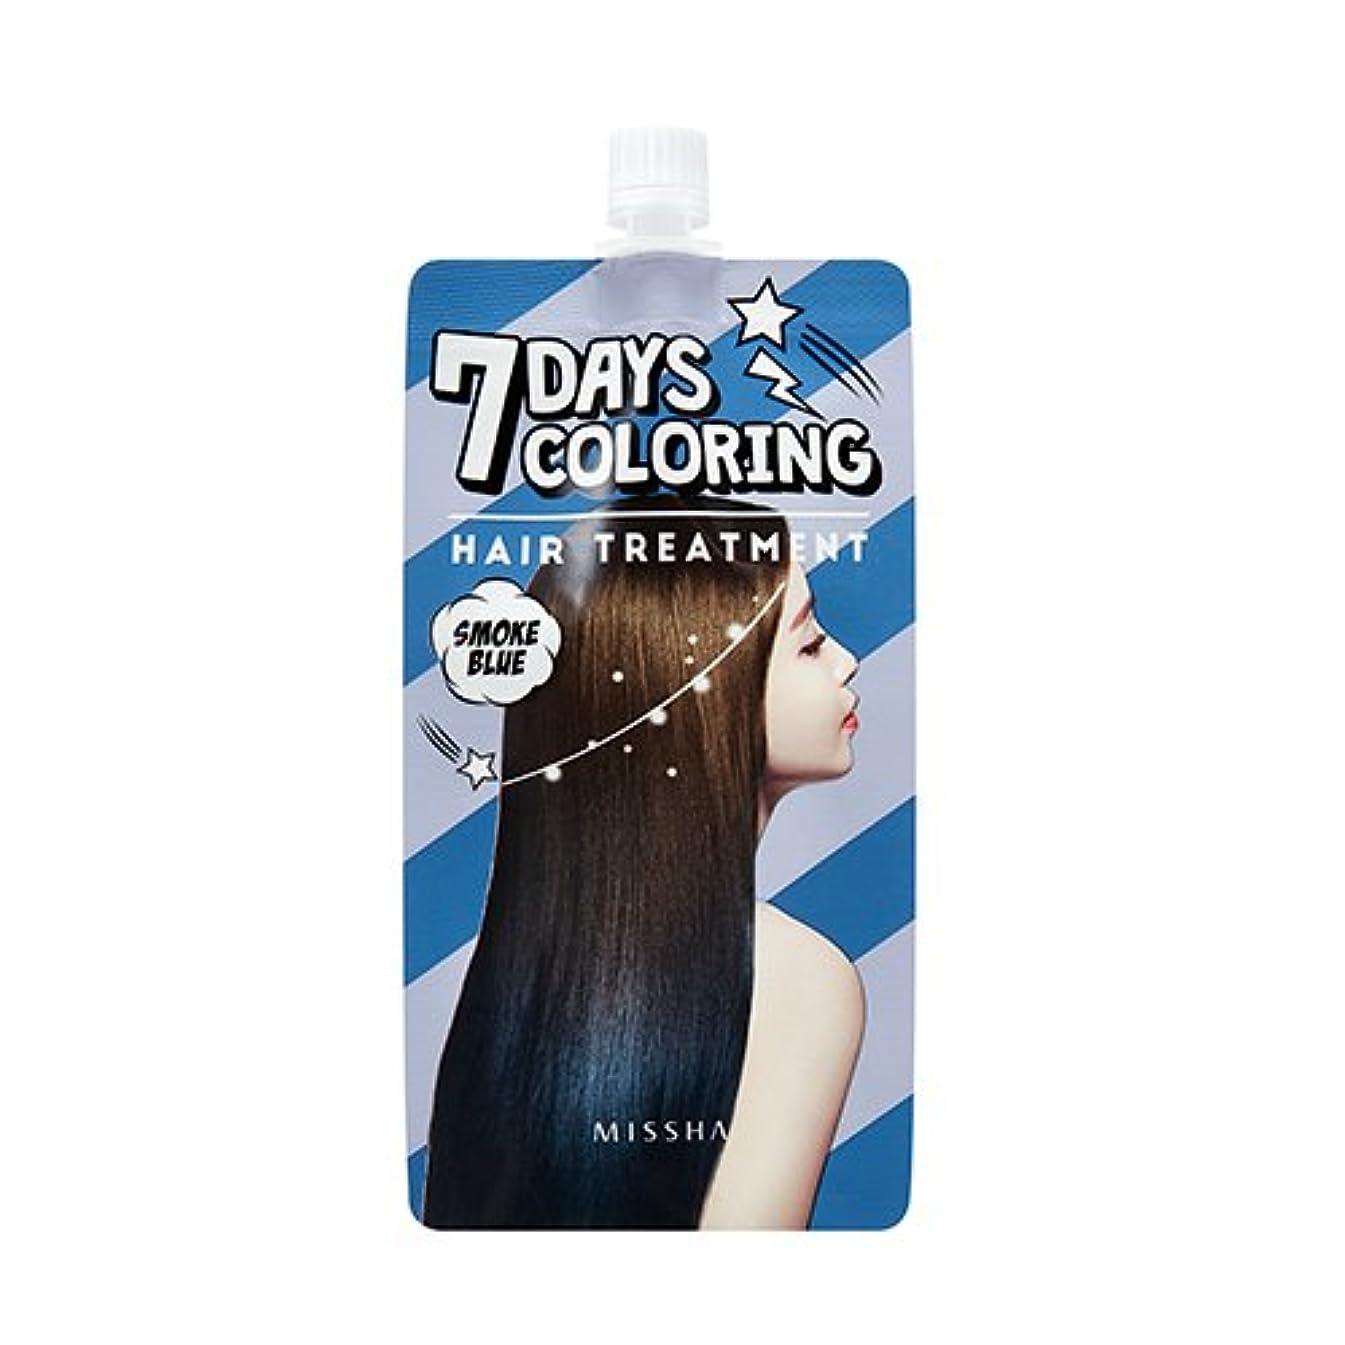 解決する振動するオデュッセウスMISSHA 7 Days Coloring Hair Treatment 25ml/ミシャ 7デイズ カラーリング ヘア トリートメント 25ml (#Smoke Blue) [並行輸入品]